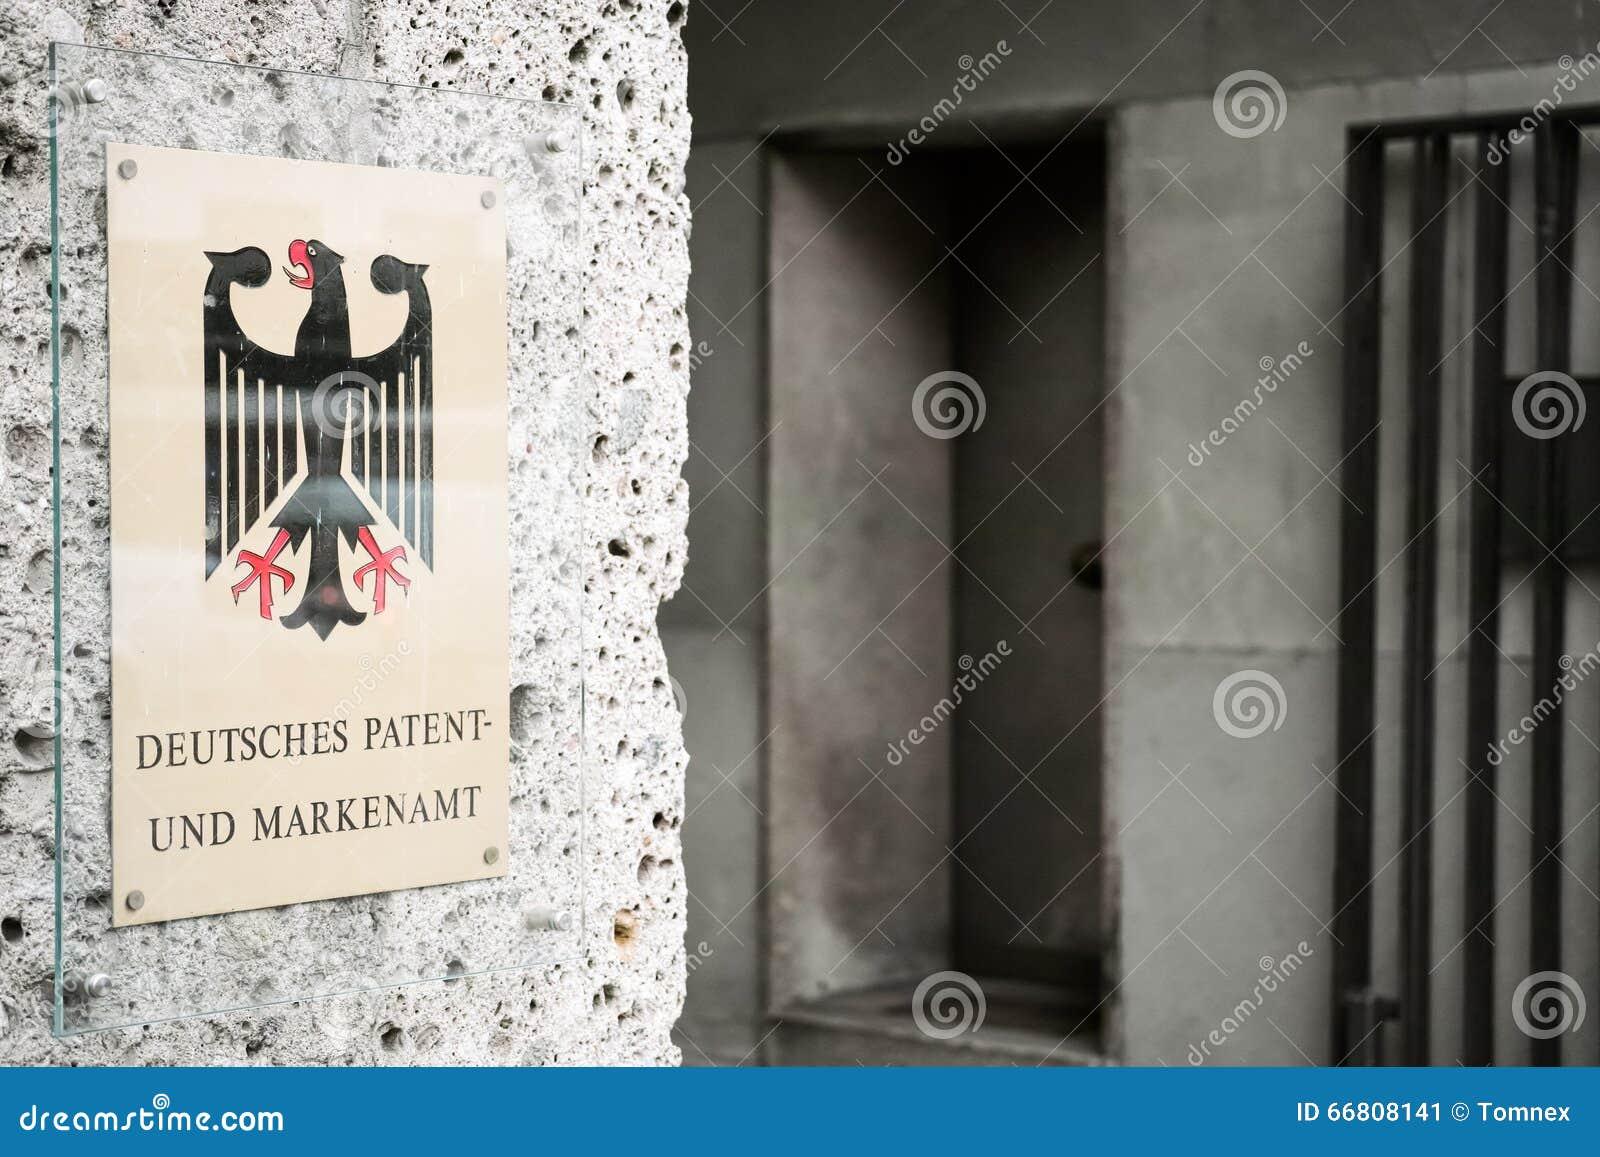 Ufficio In Tedesco : Ufficio tedesco di marchio di fabbrica e di brevetto fotografia